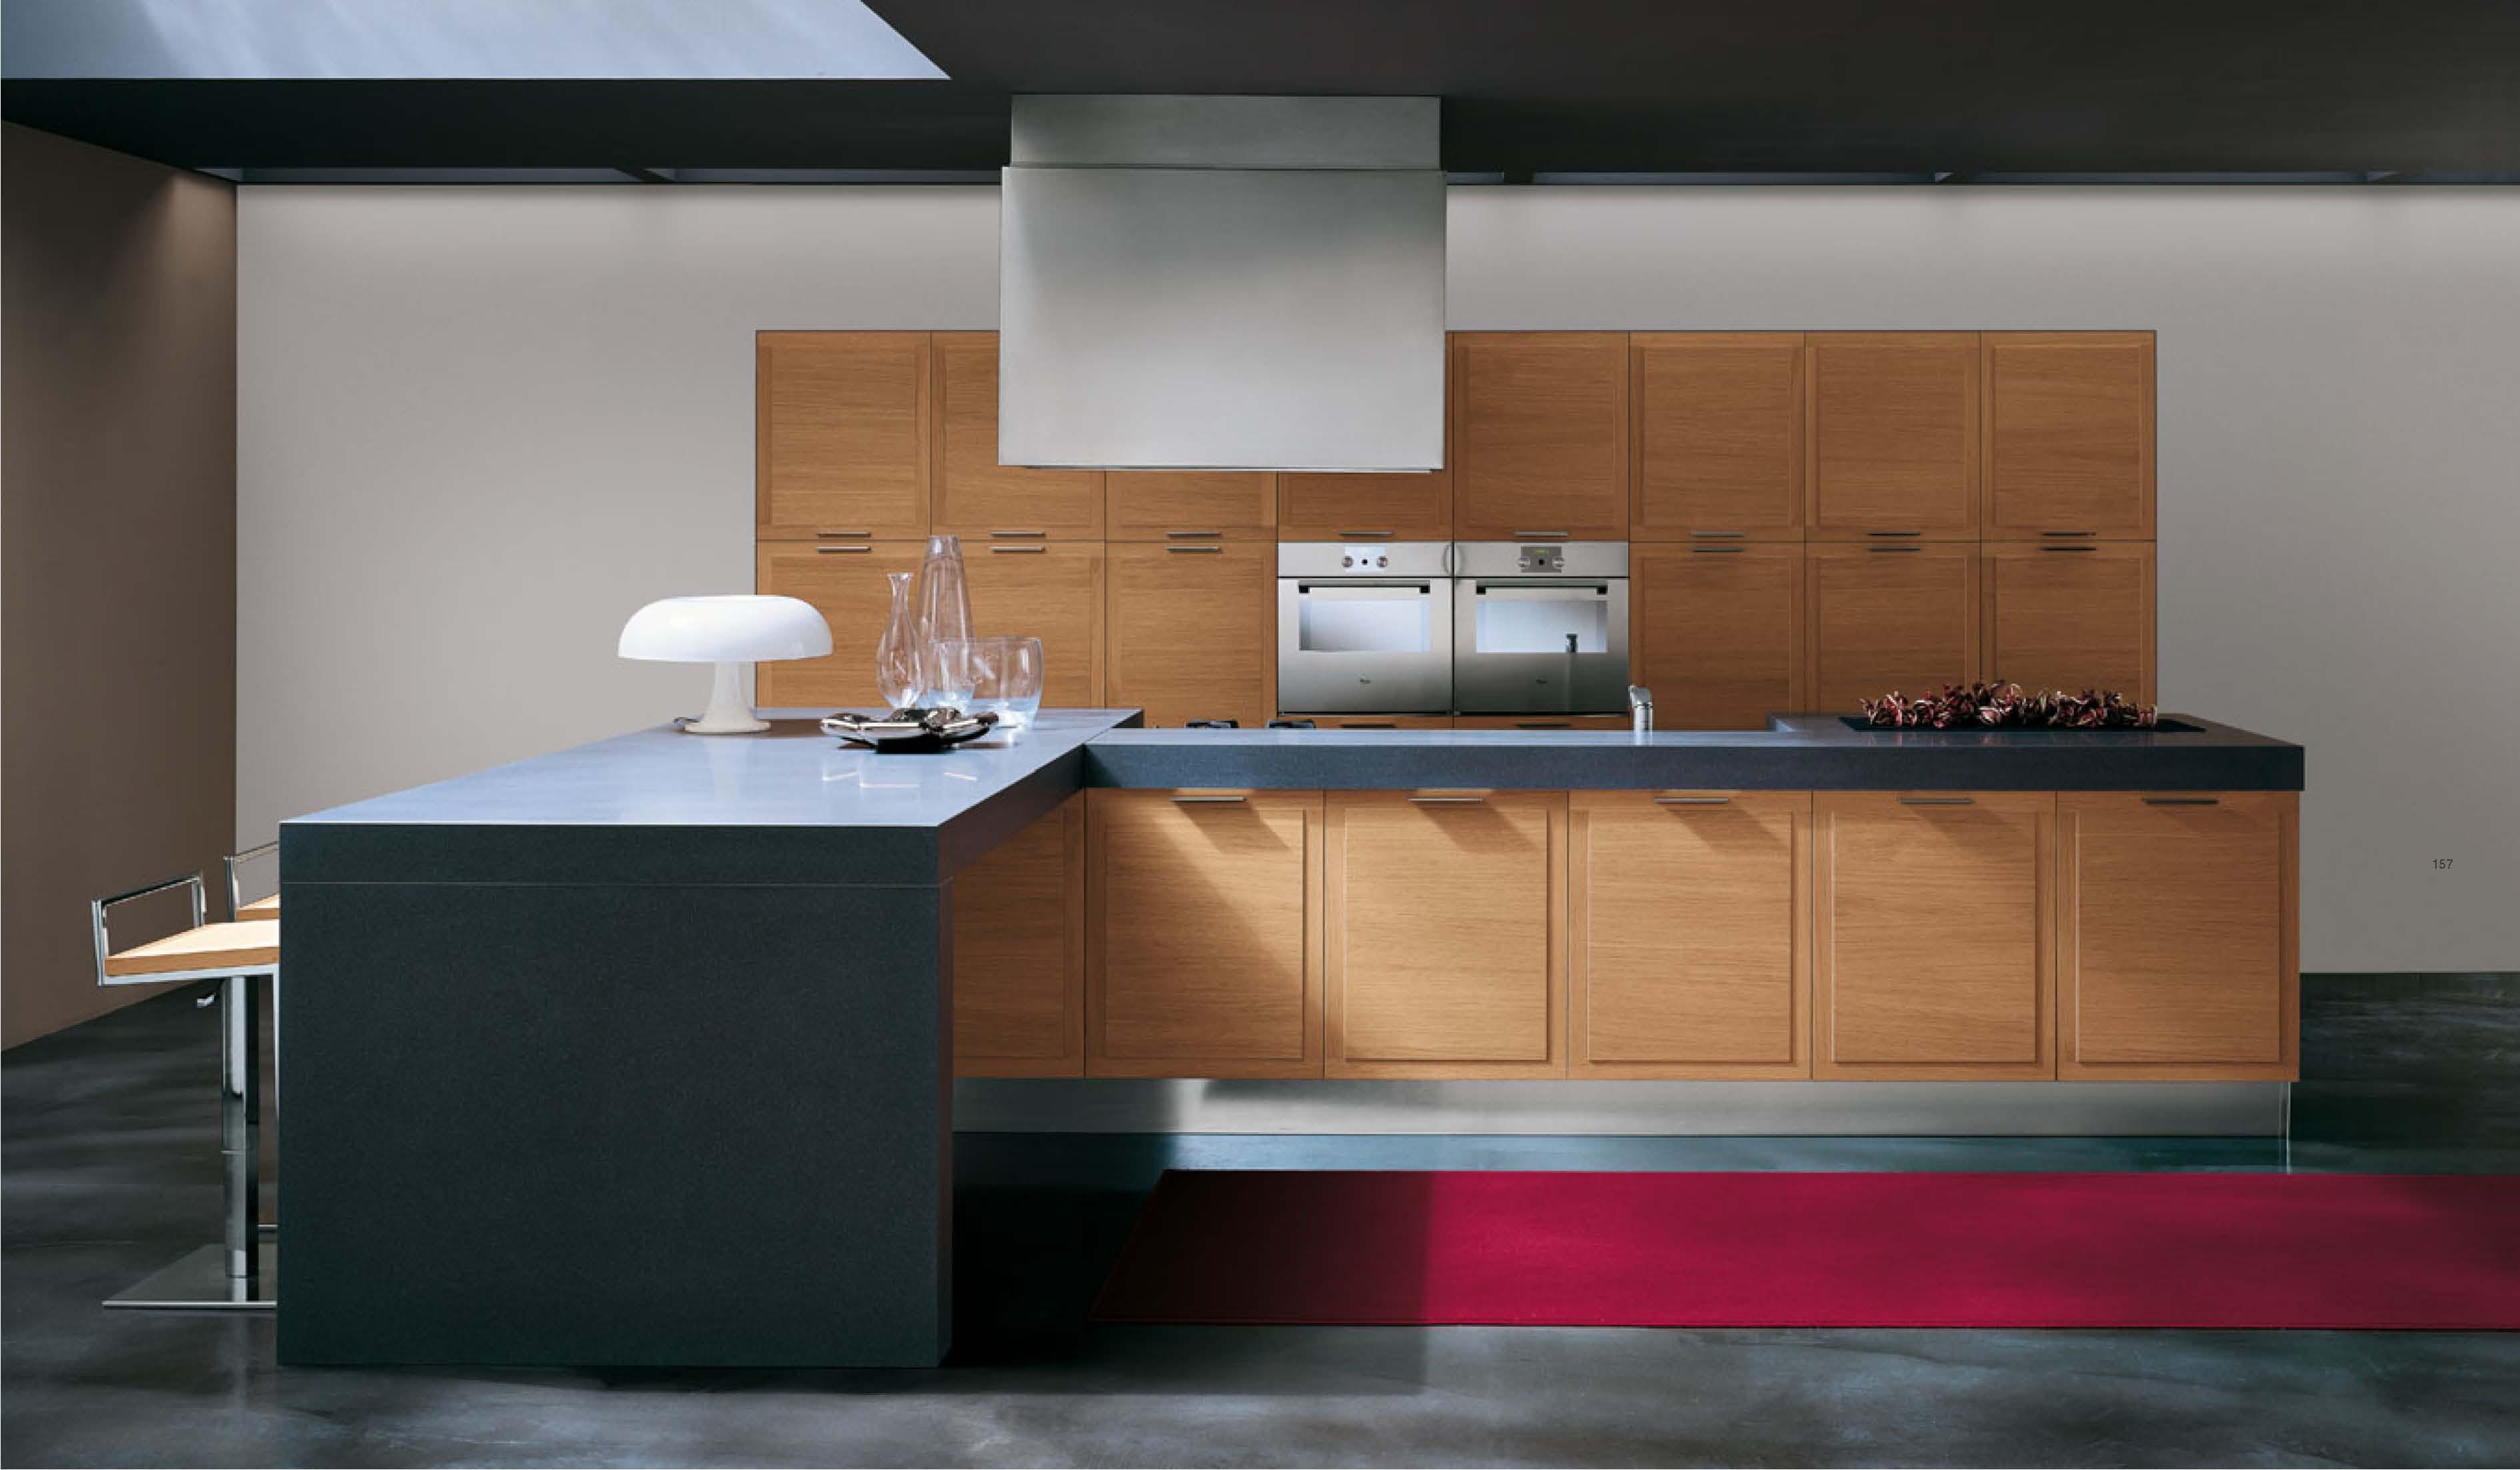 Cucina in rovere arredamento moderno - Arredamento moderno cucina ...